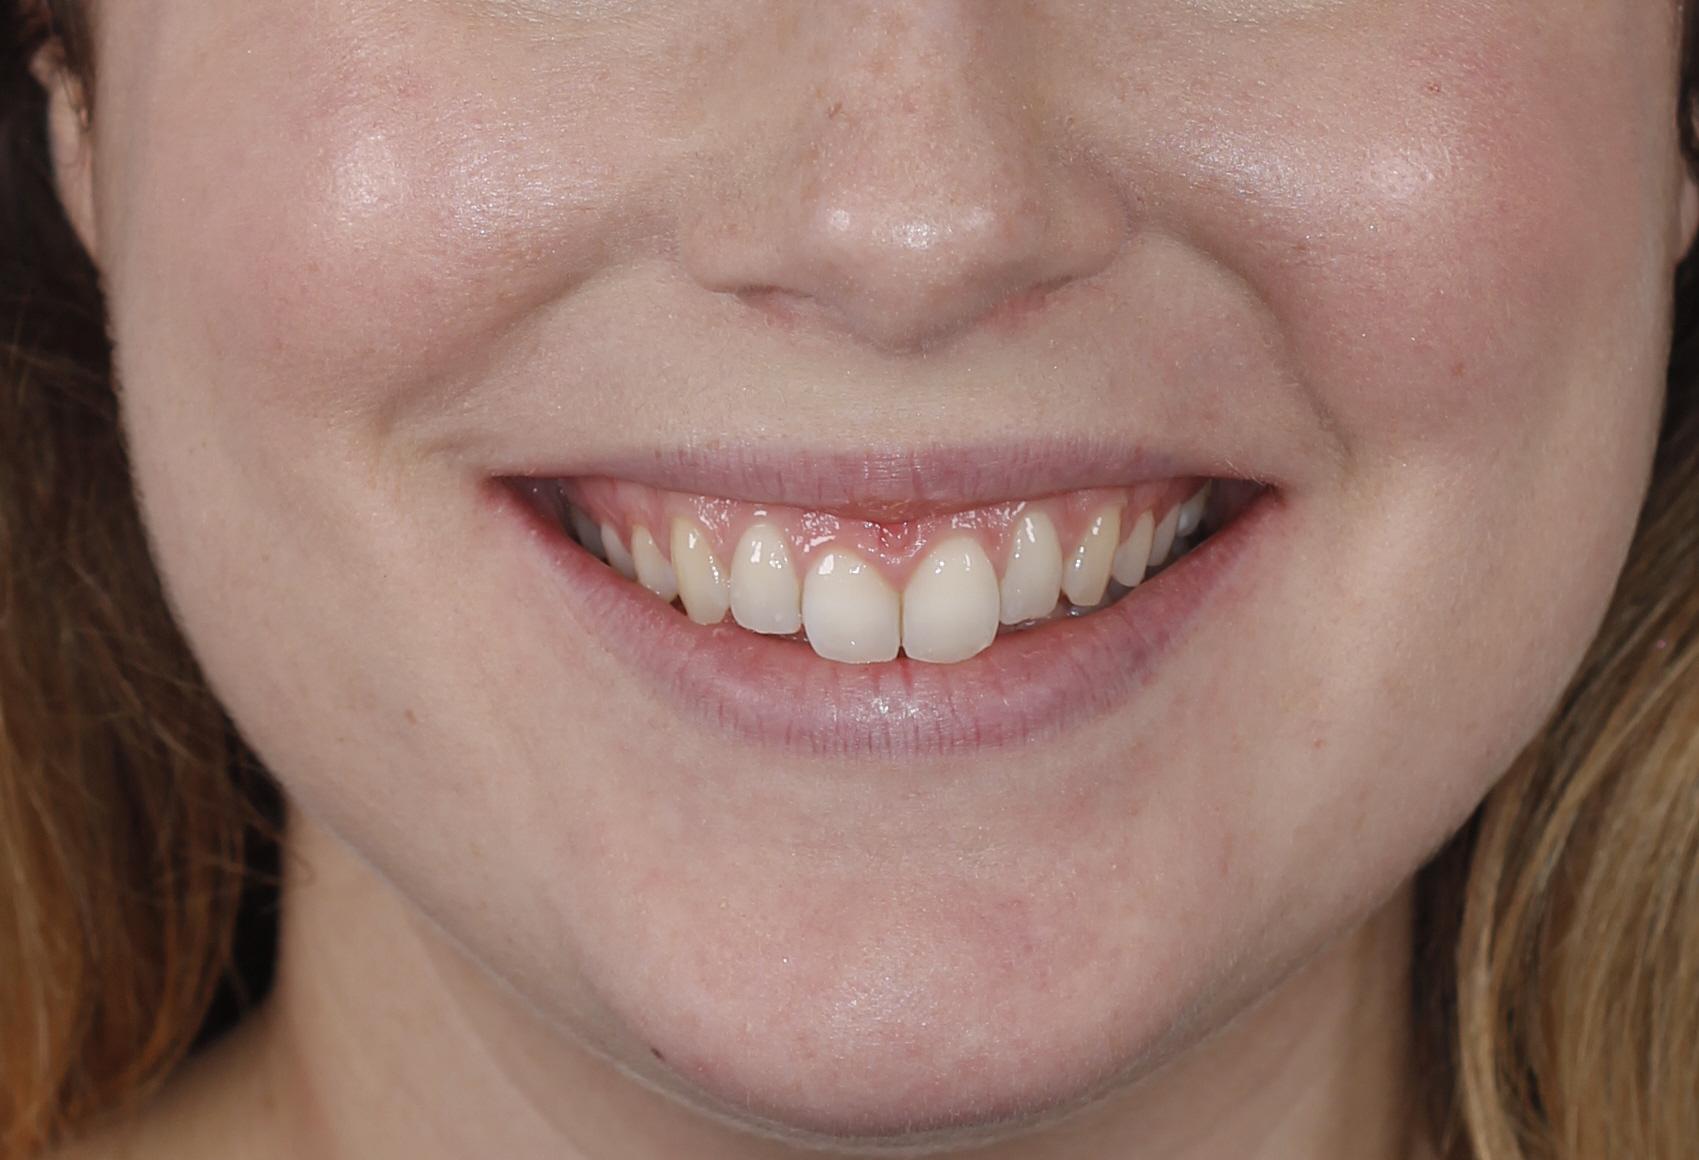 Sonrisa gingival de la paciente